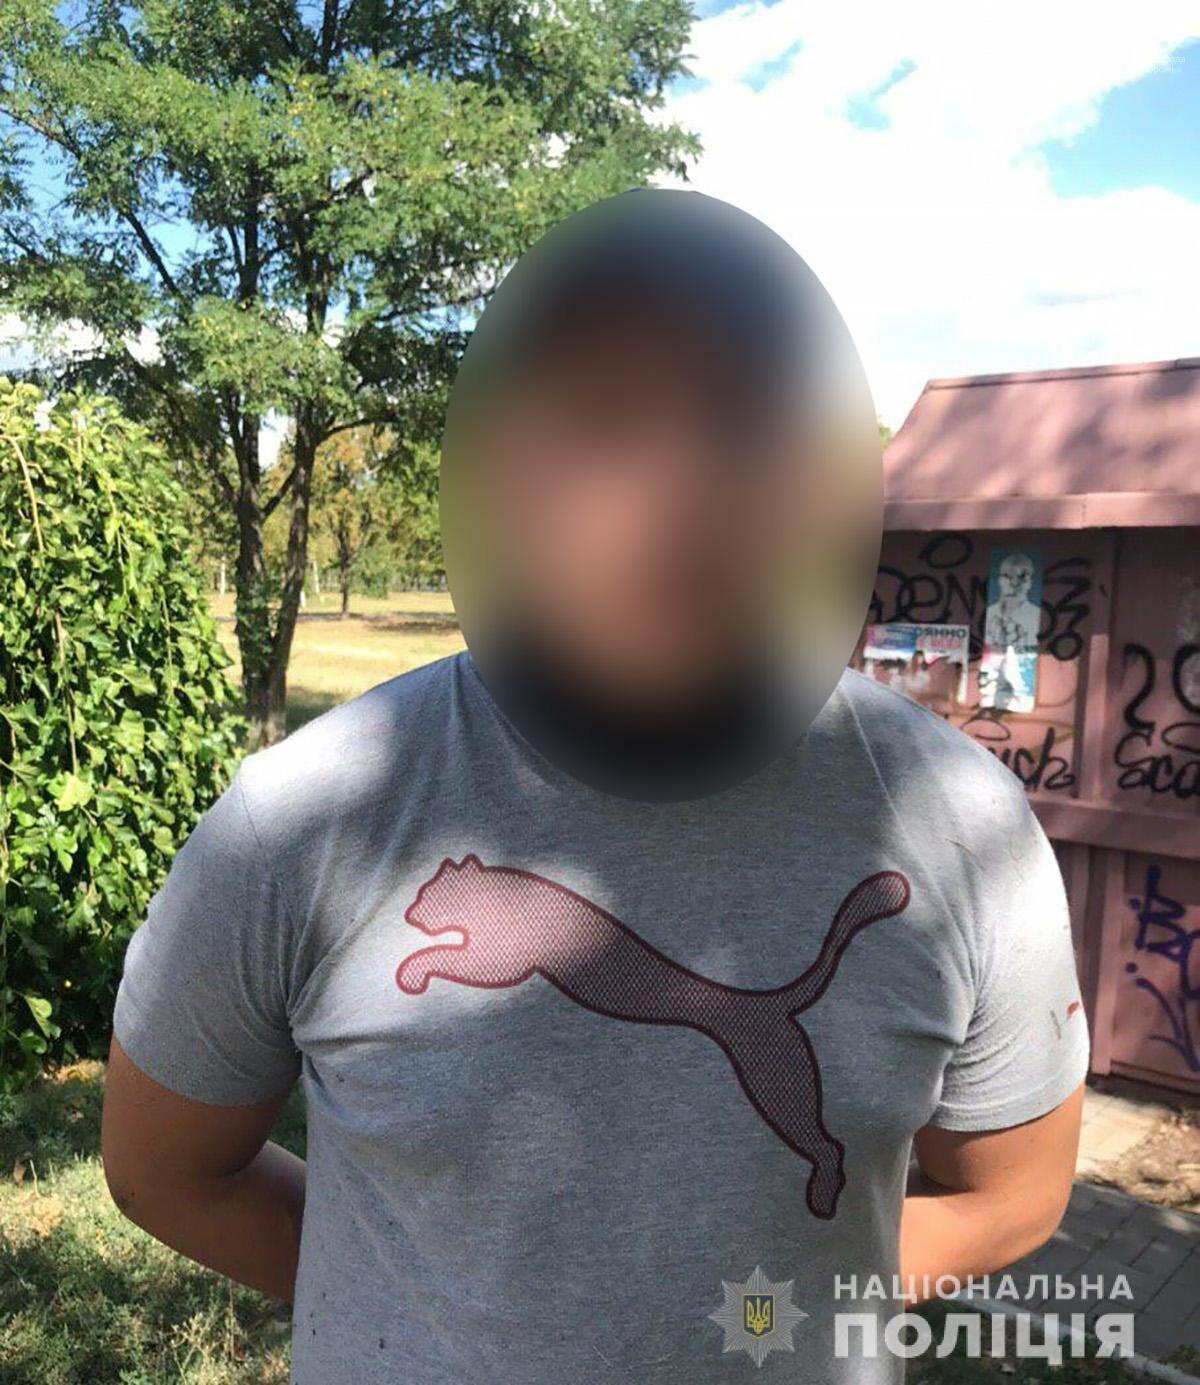 В Запорожье разгромили несколько агитпалаток одной из политсил - подозреваемых в хулиганстве задержали , фото-3